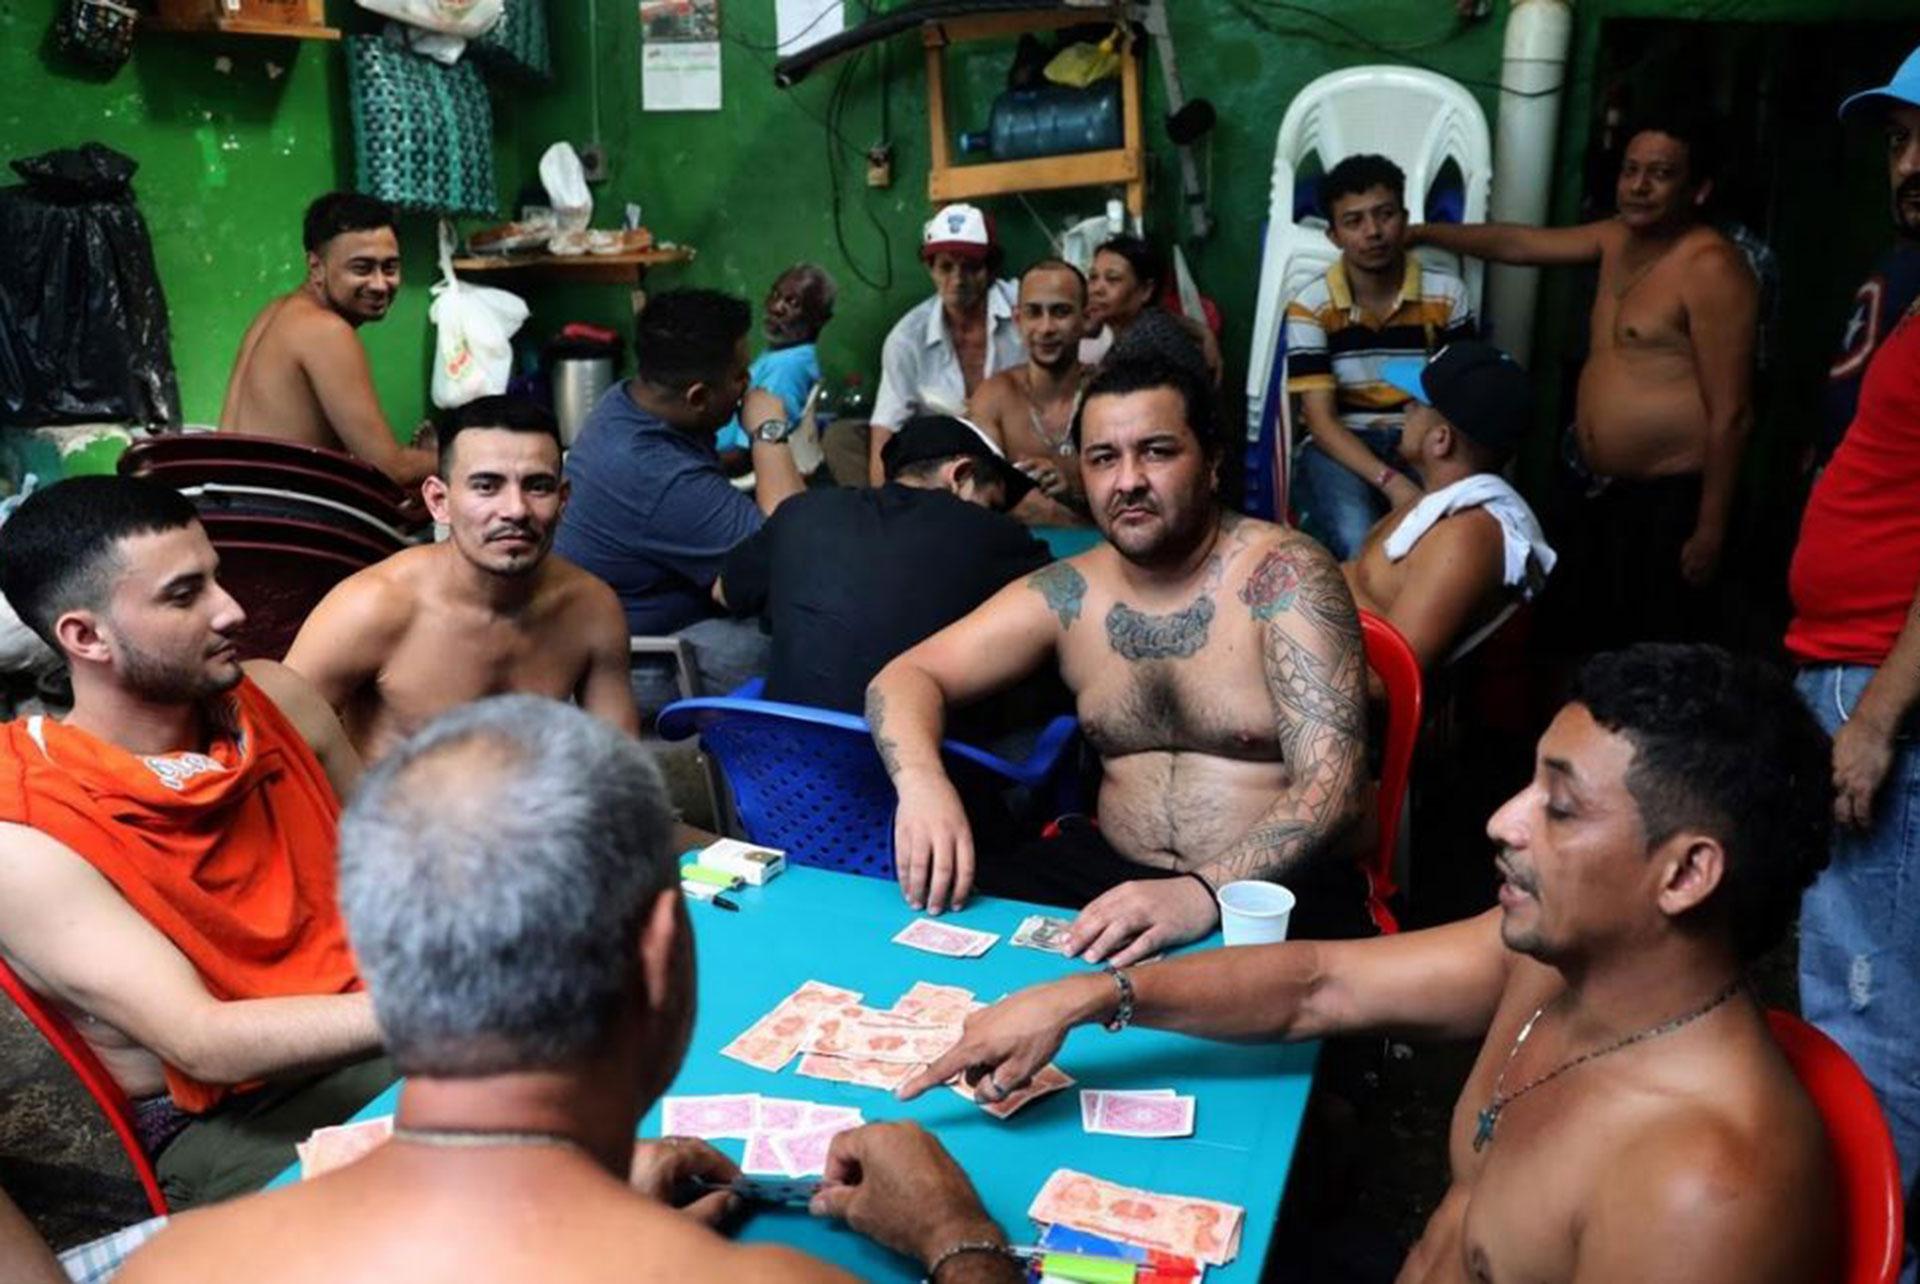 Un grupo de pandilleros se divierte jugando a las cartas